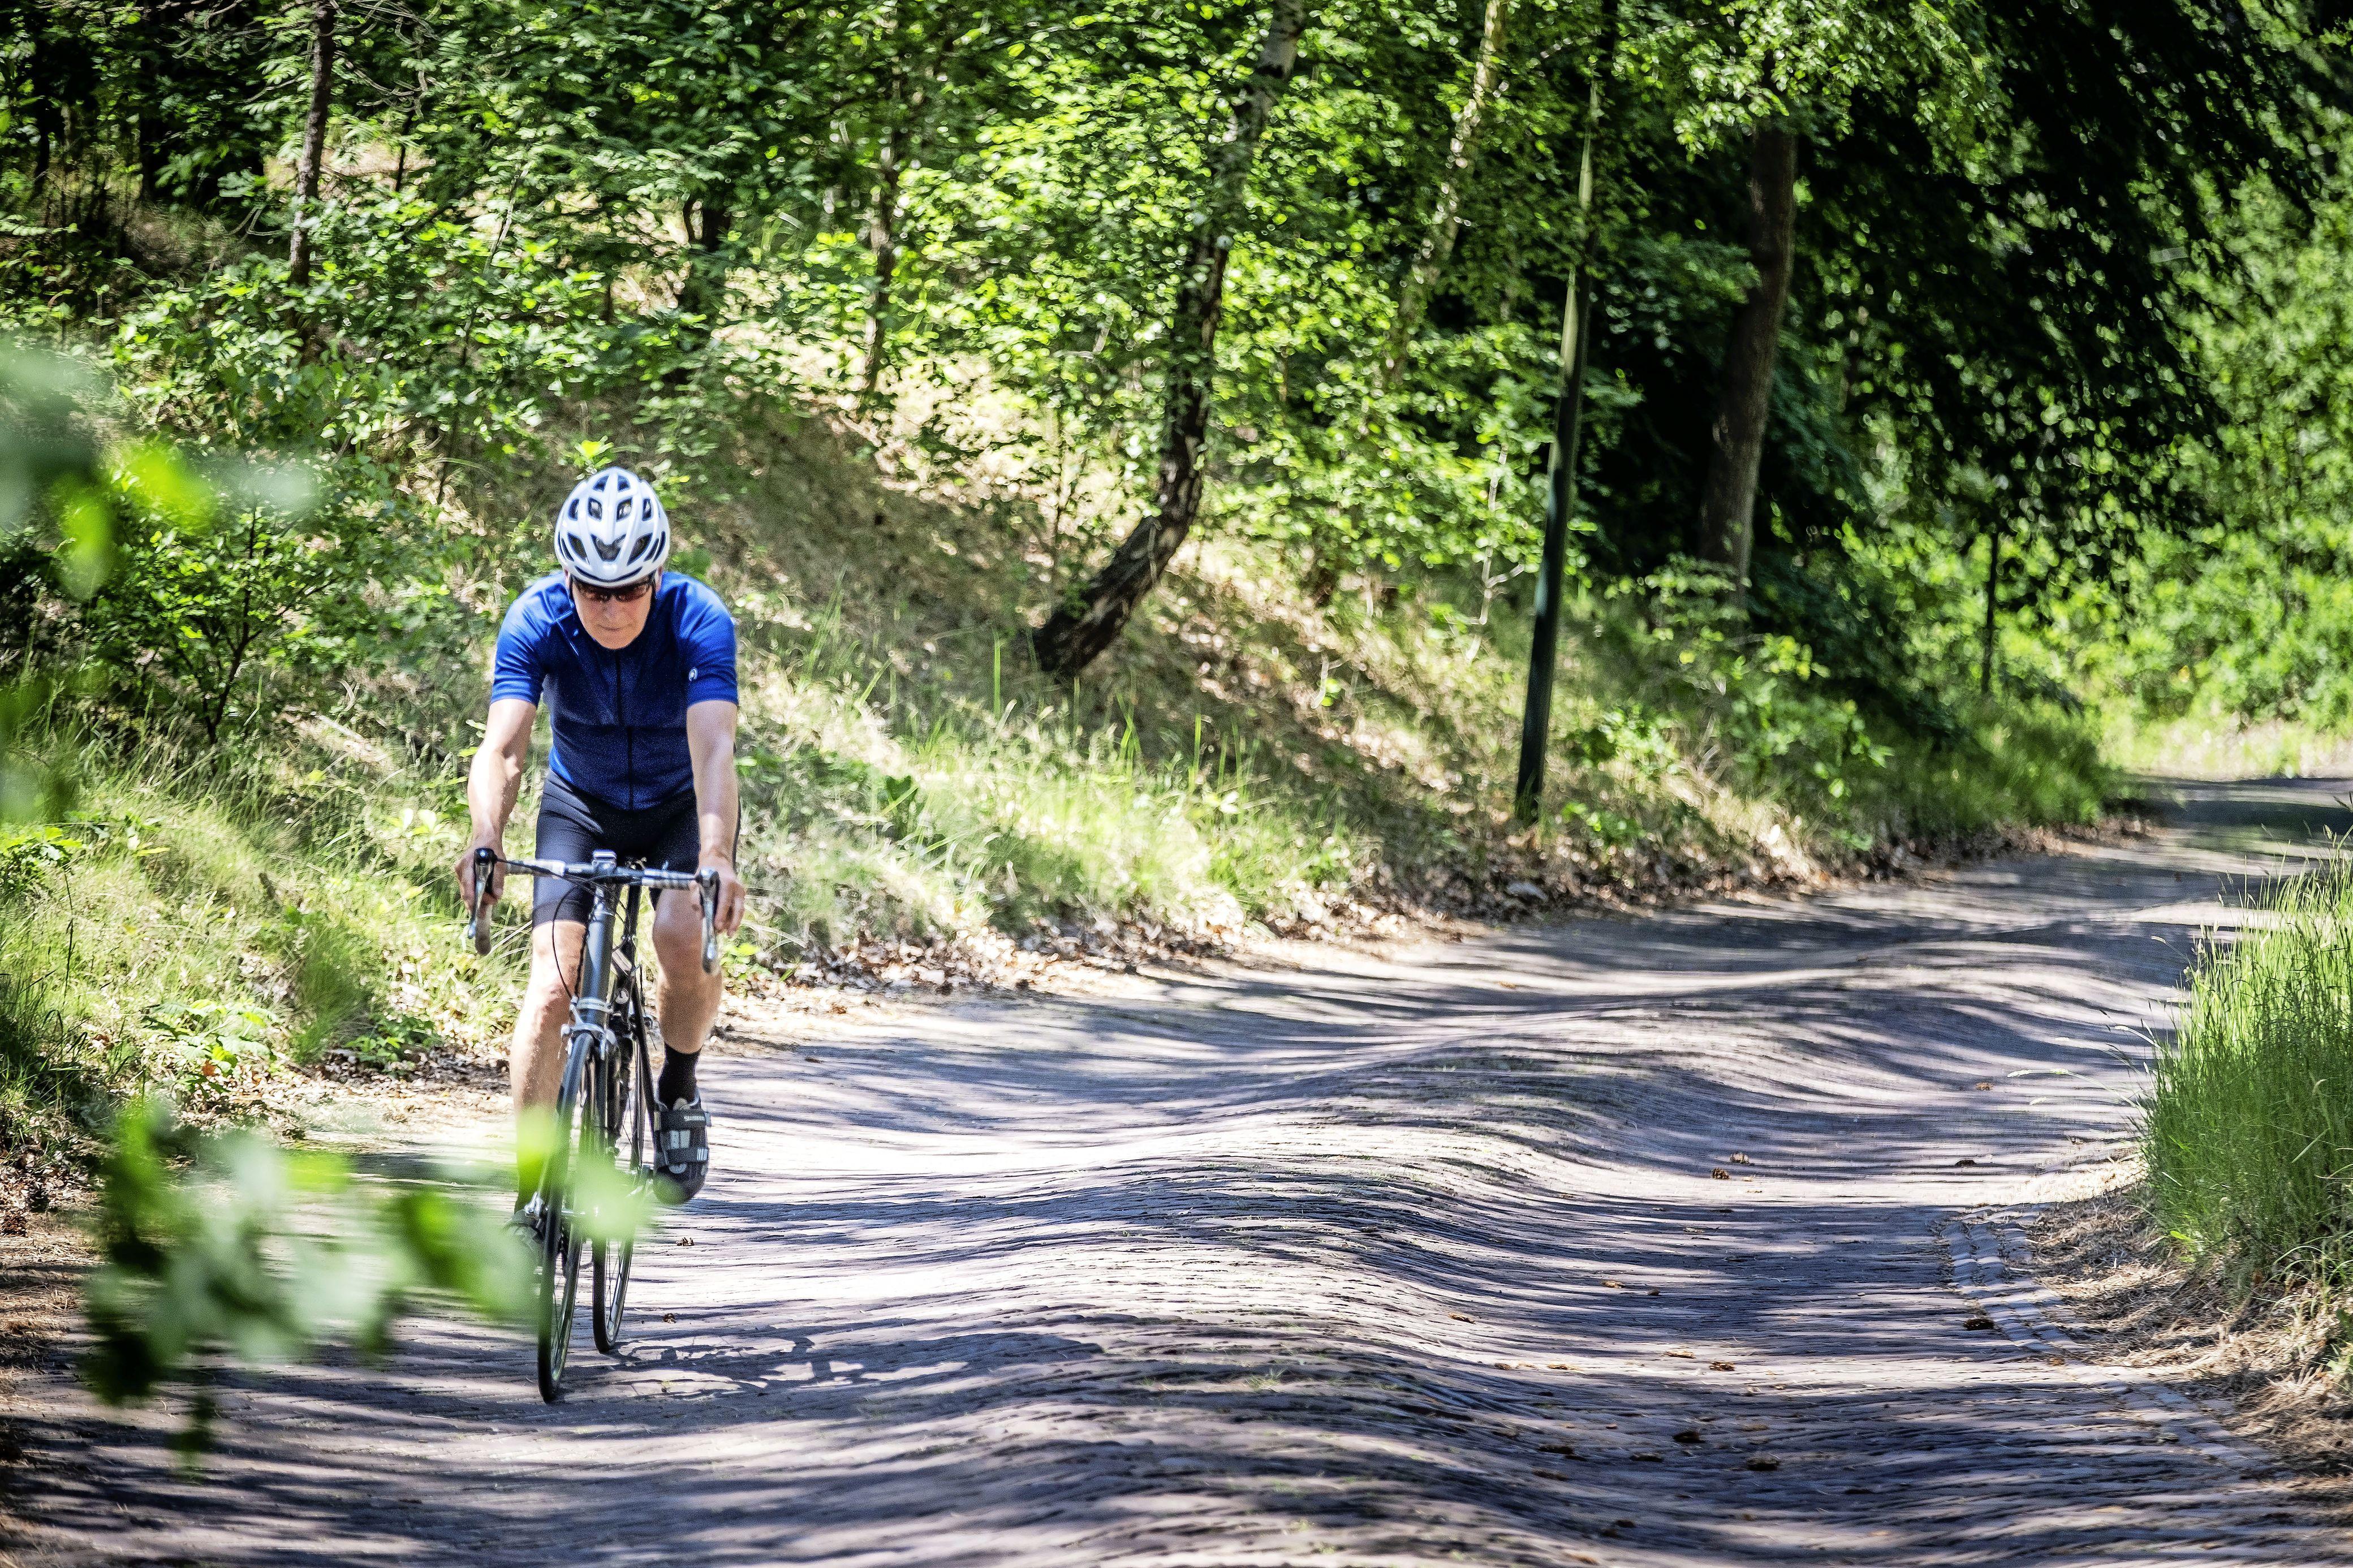 Verhalen vanaf de pedalen. Nico Keuning schrijft in 'Het geheim van de Ventoux' over de dwaalwegen van een wielrenner